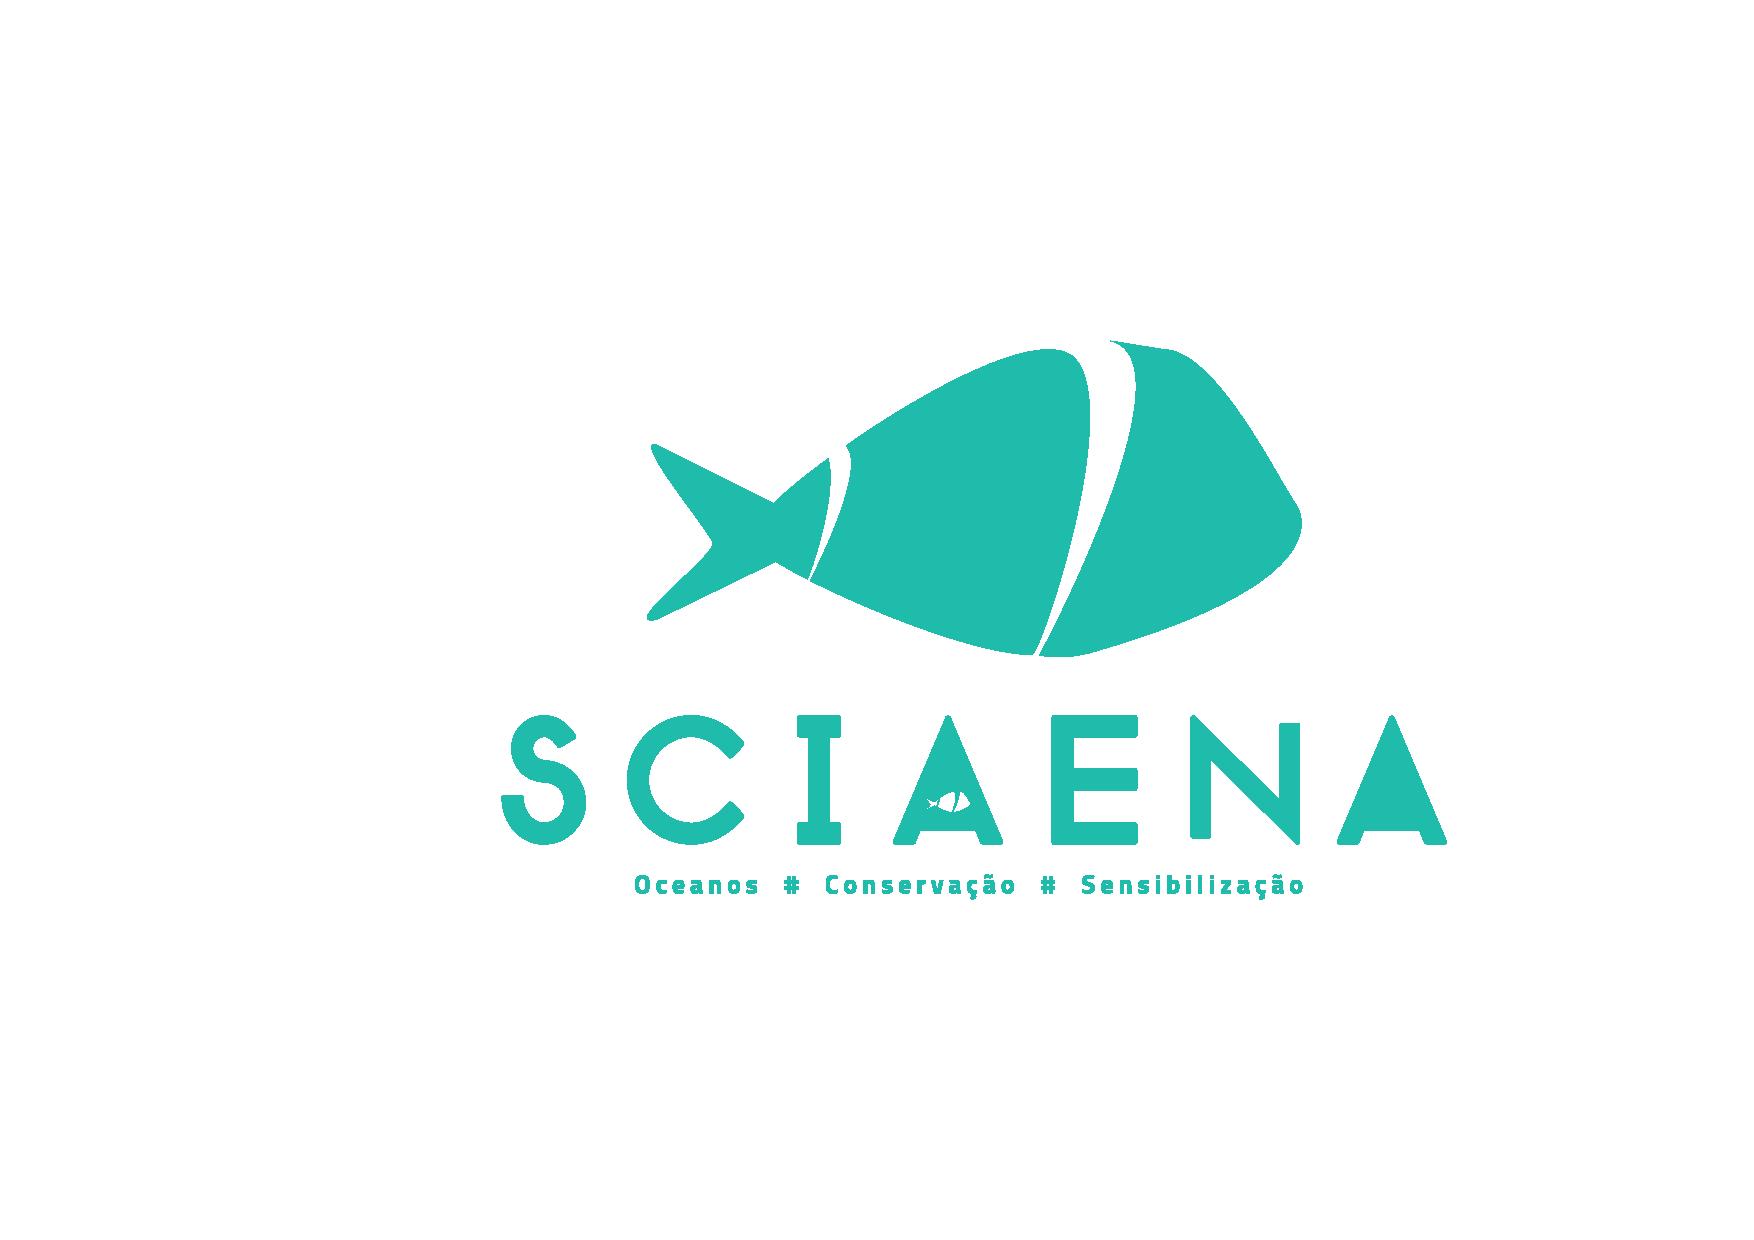 Sciaena